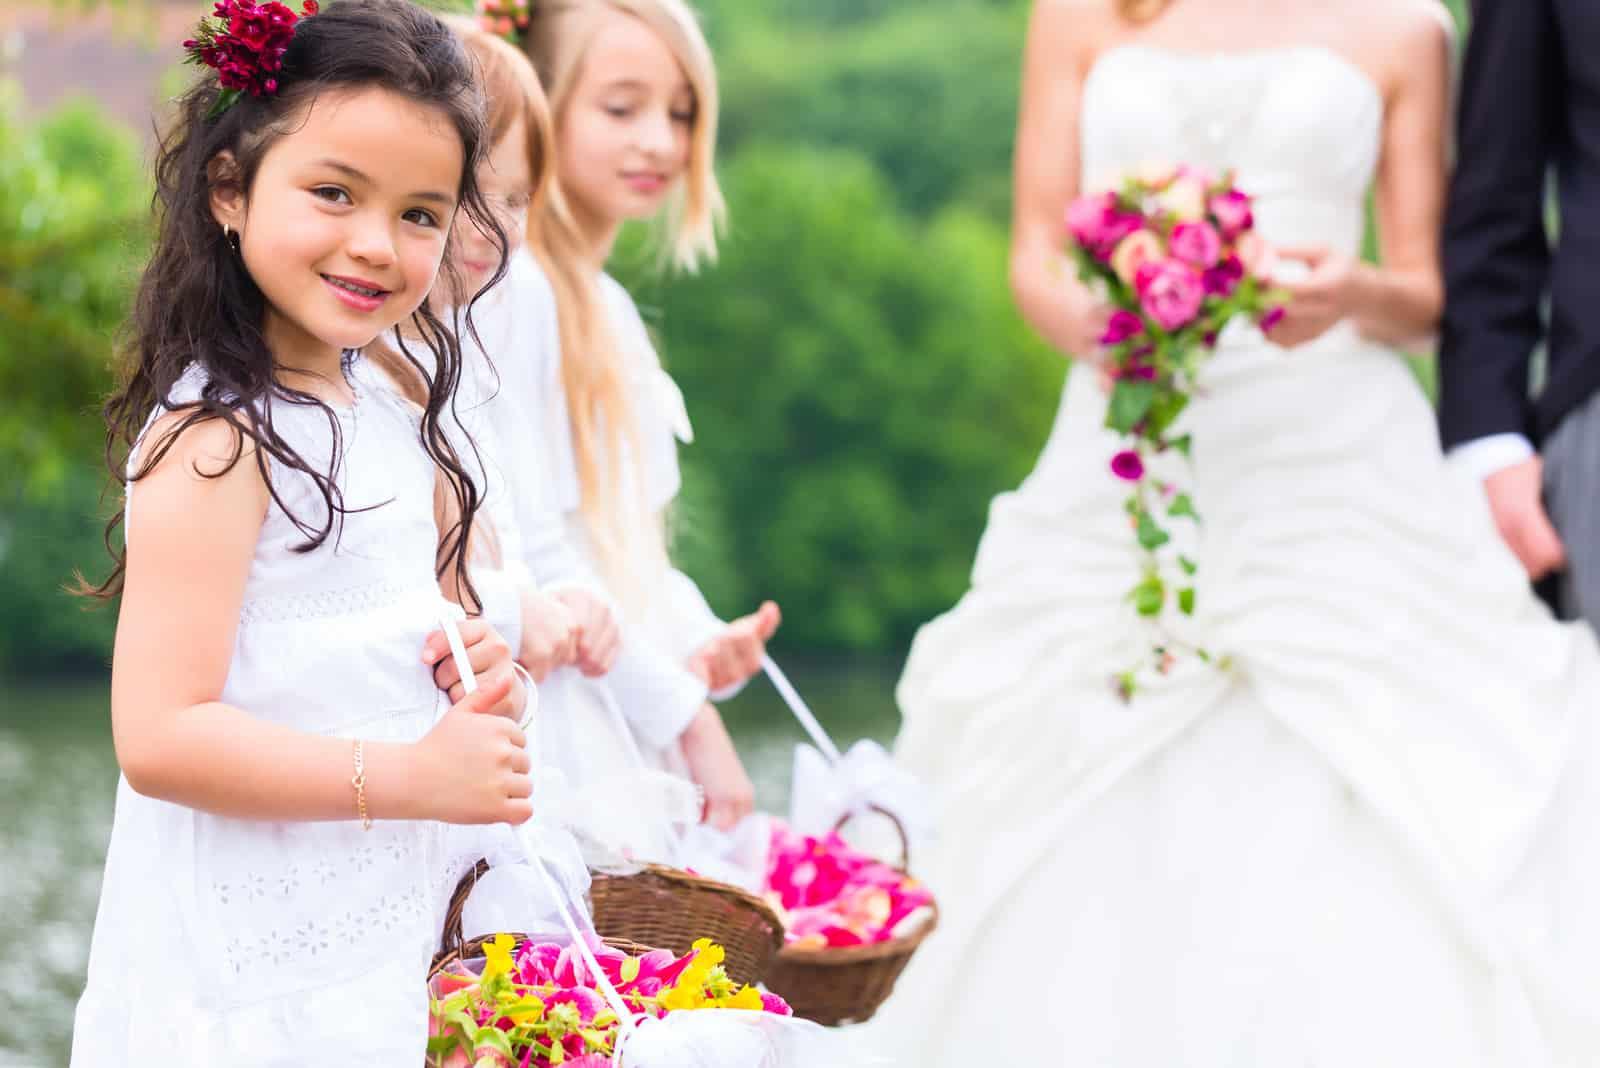 Hochzeit Braut und Bräutigam mit Blumenkindern oder Brautjungfer im weißen Kleid